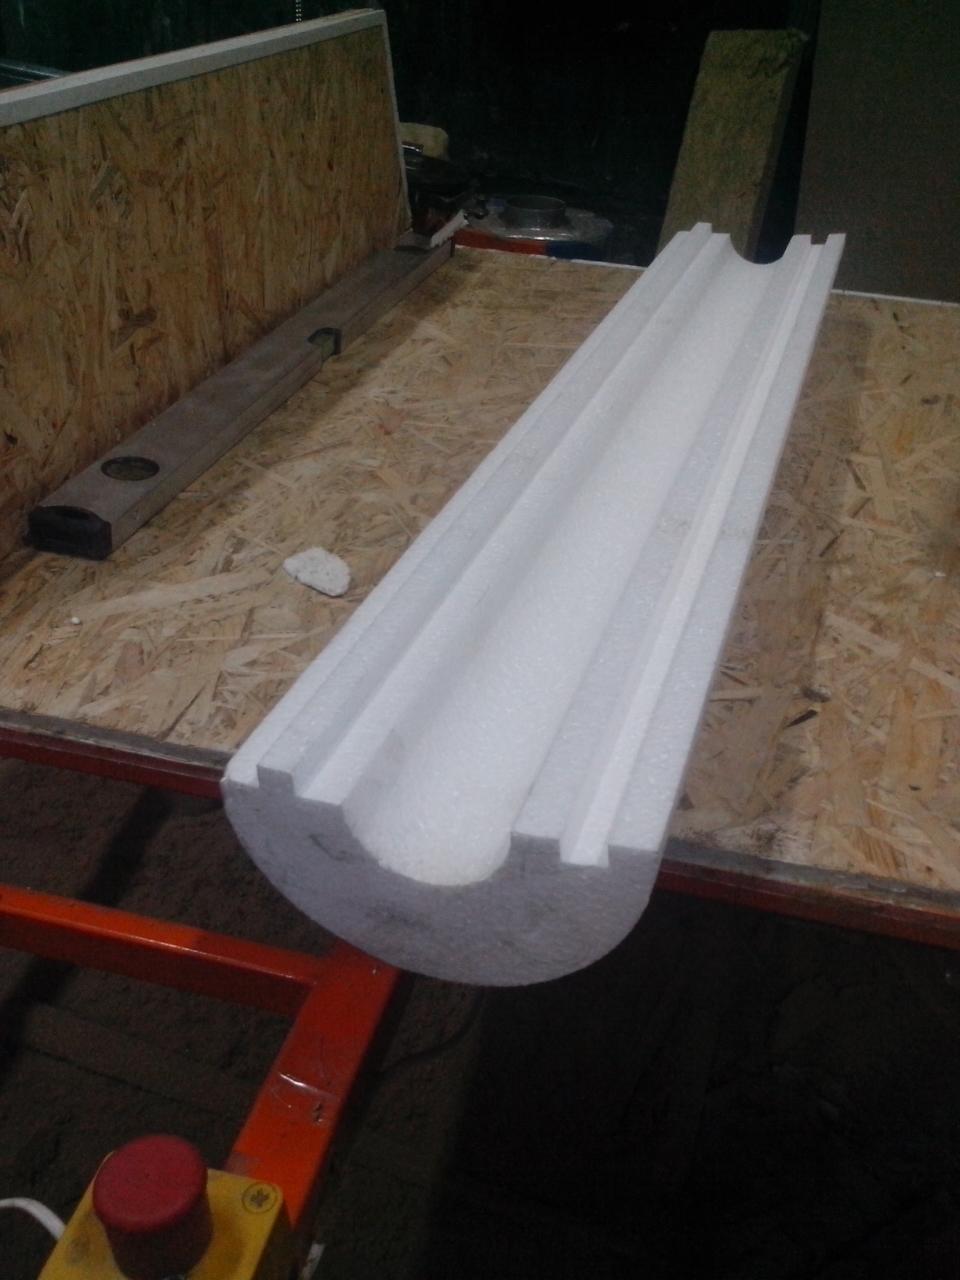 Утеплитель из пенопласта (пенополистирола) для труб Ø 121 мм толщиной 50 мм